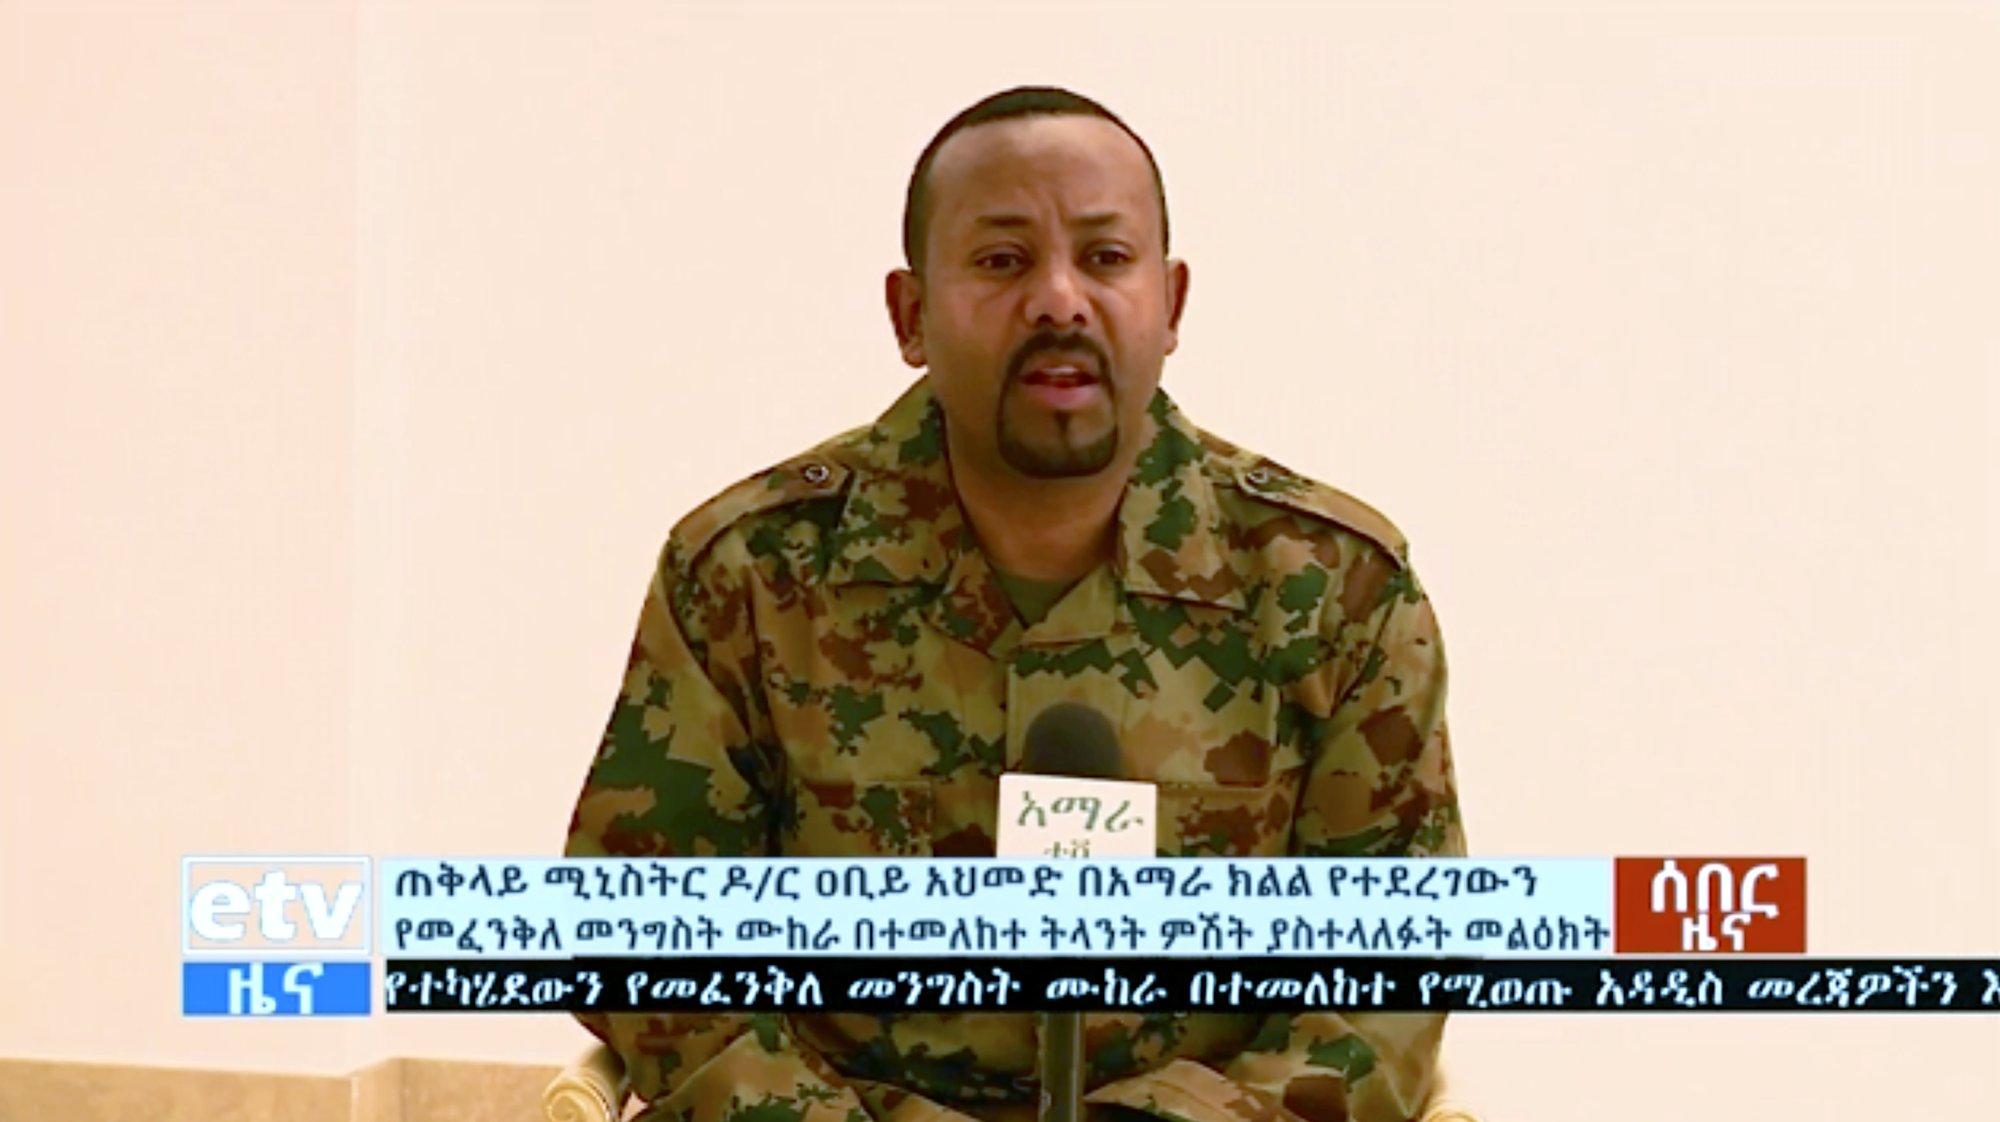 The Latest: Ethiopia spokesman says military chief killed